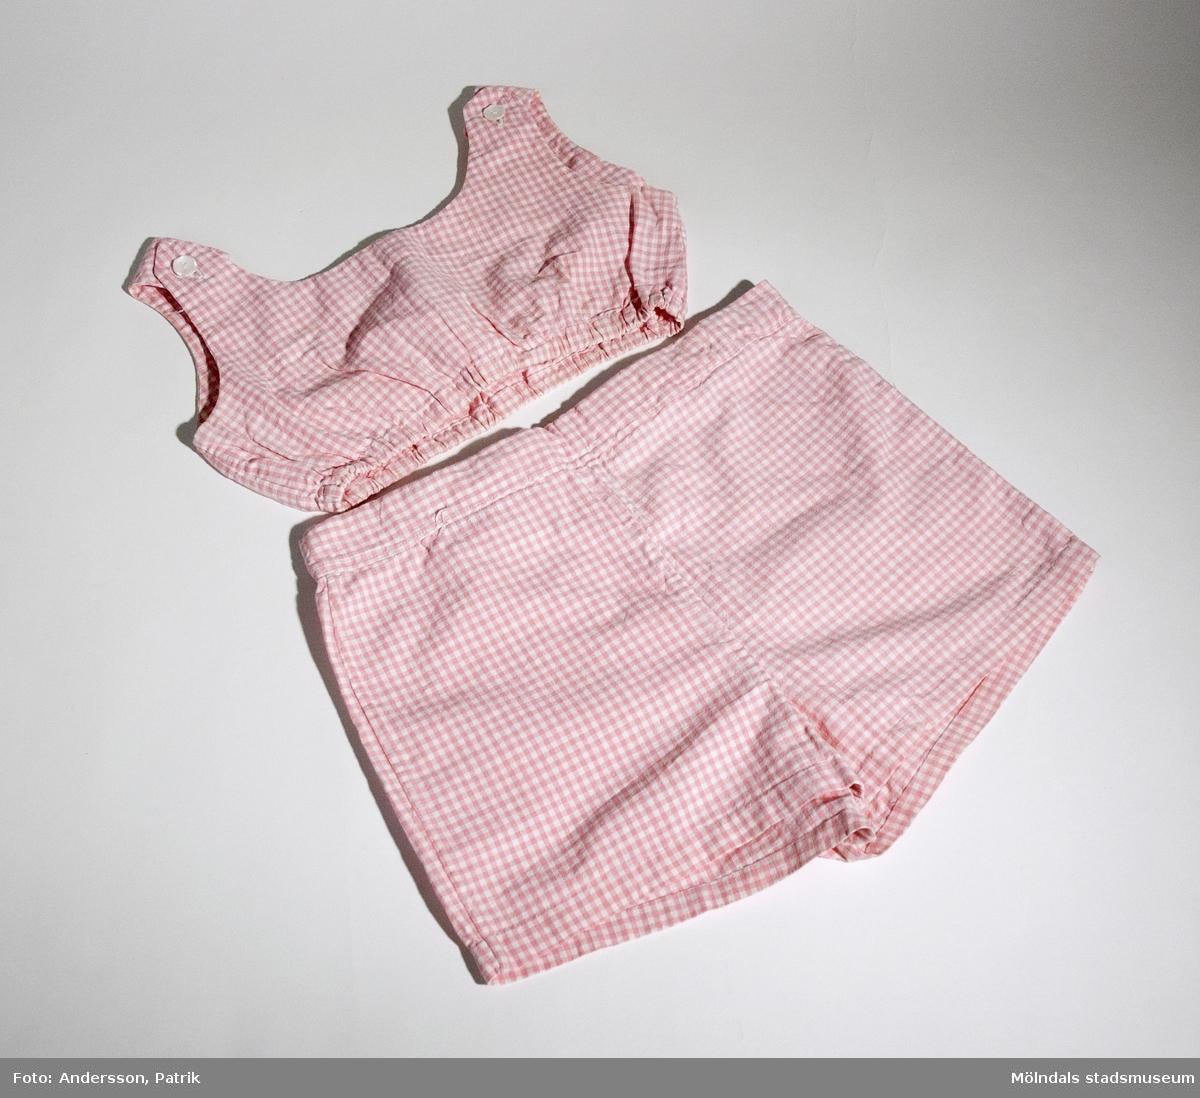 Tvådelad soldräkt för barn. Består av armlös kort överdel och kortbyxa. Rosa rutigt tyg.